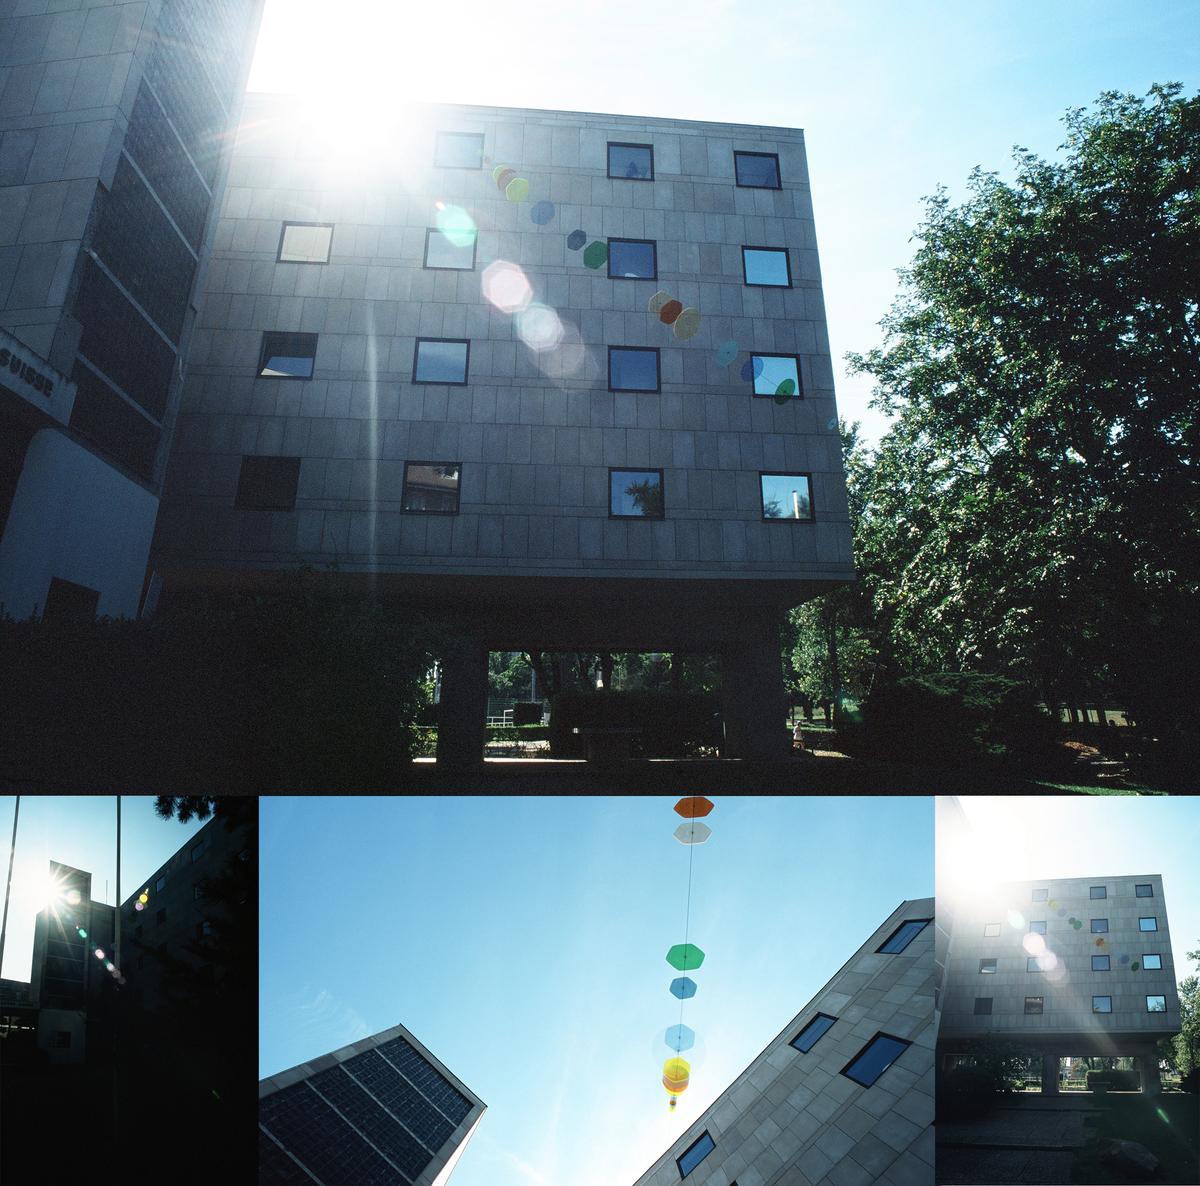 Double Halo, Pavilion Suisse, Le Corbusier, Paris 2008. Image courtesy of the artist.